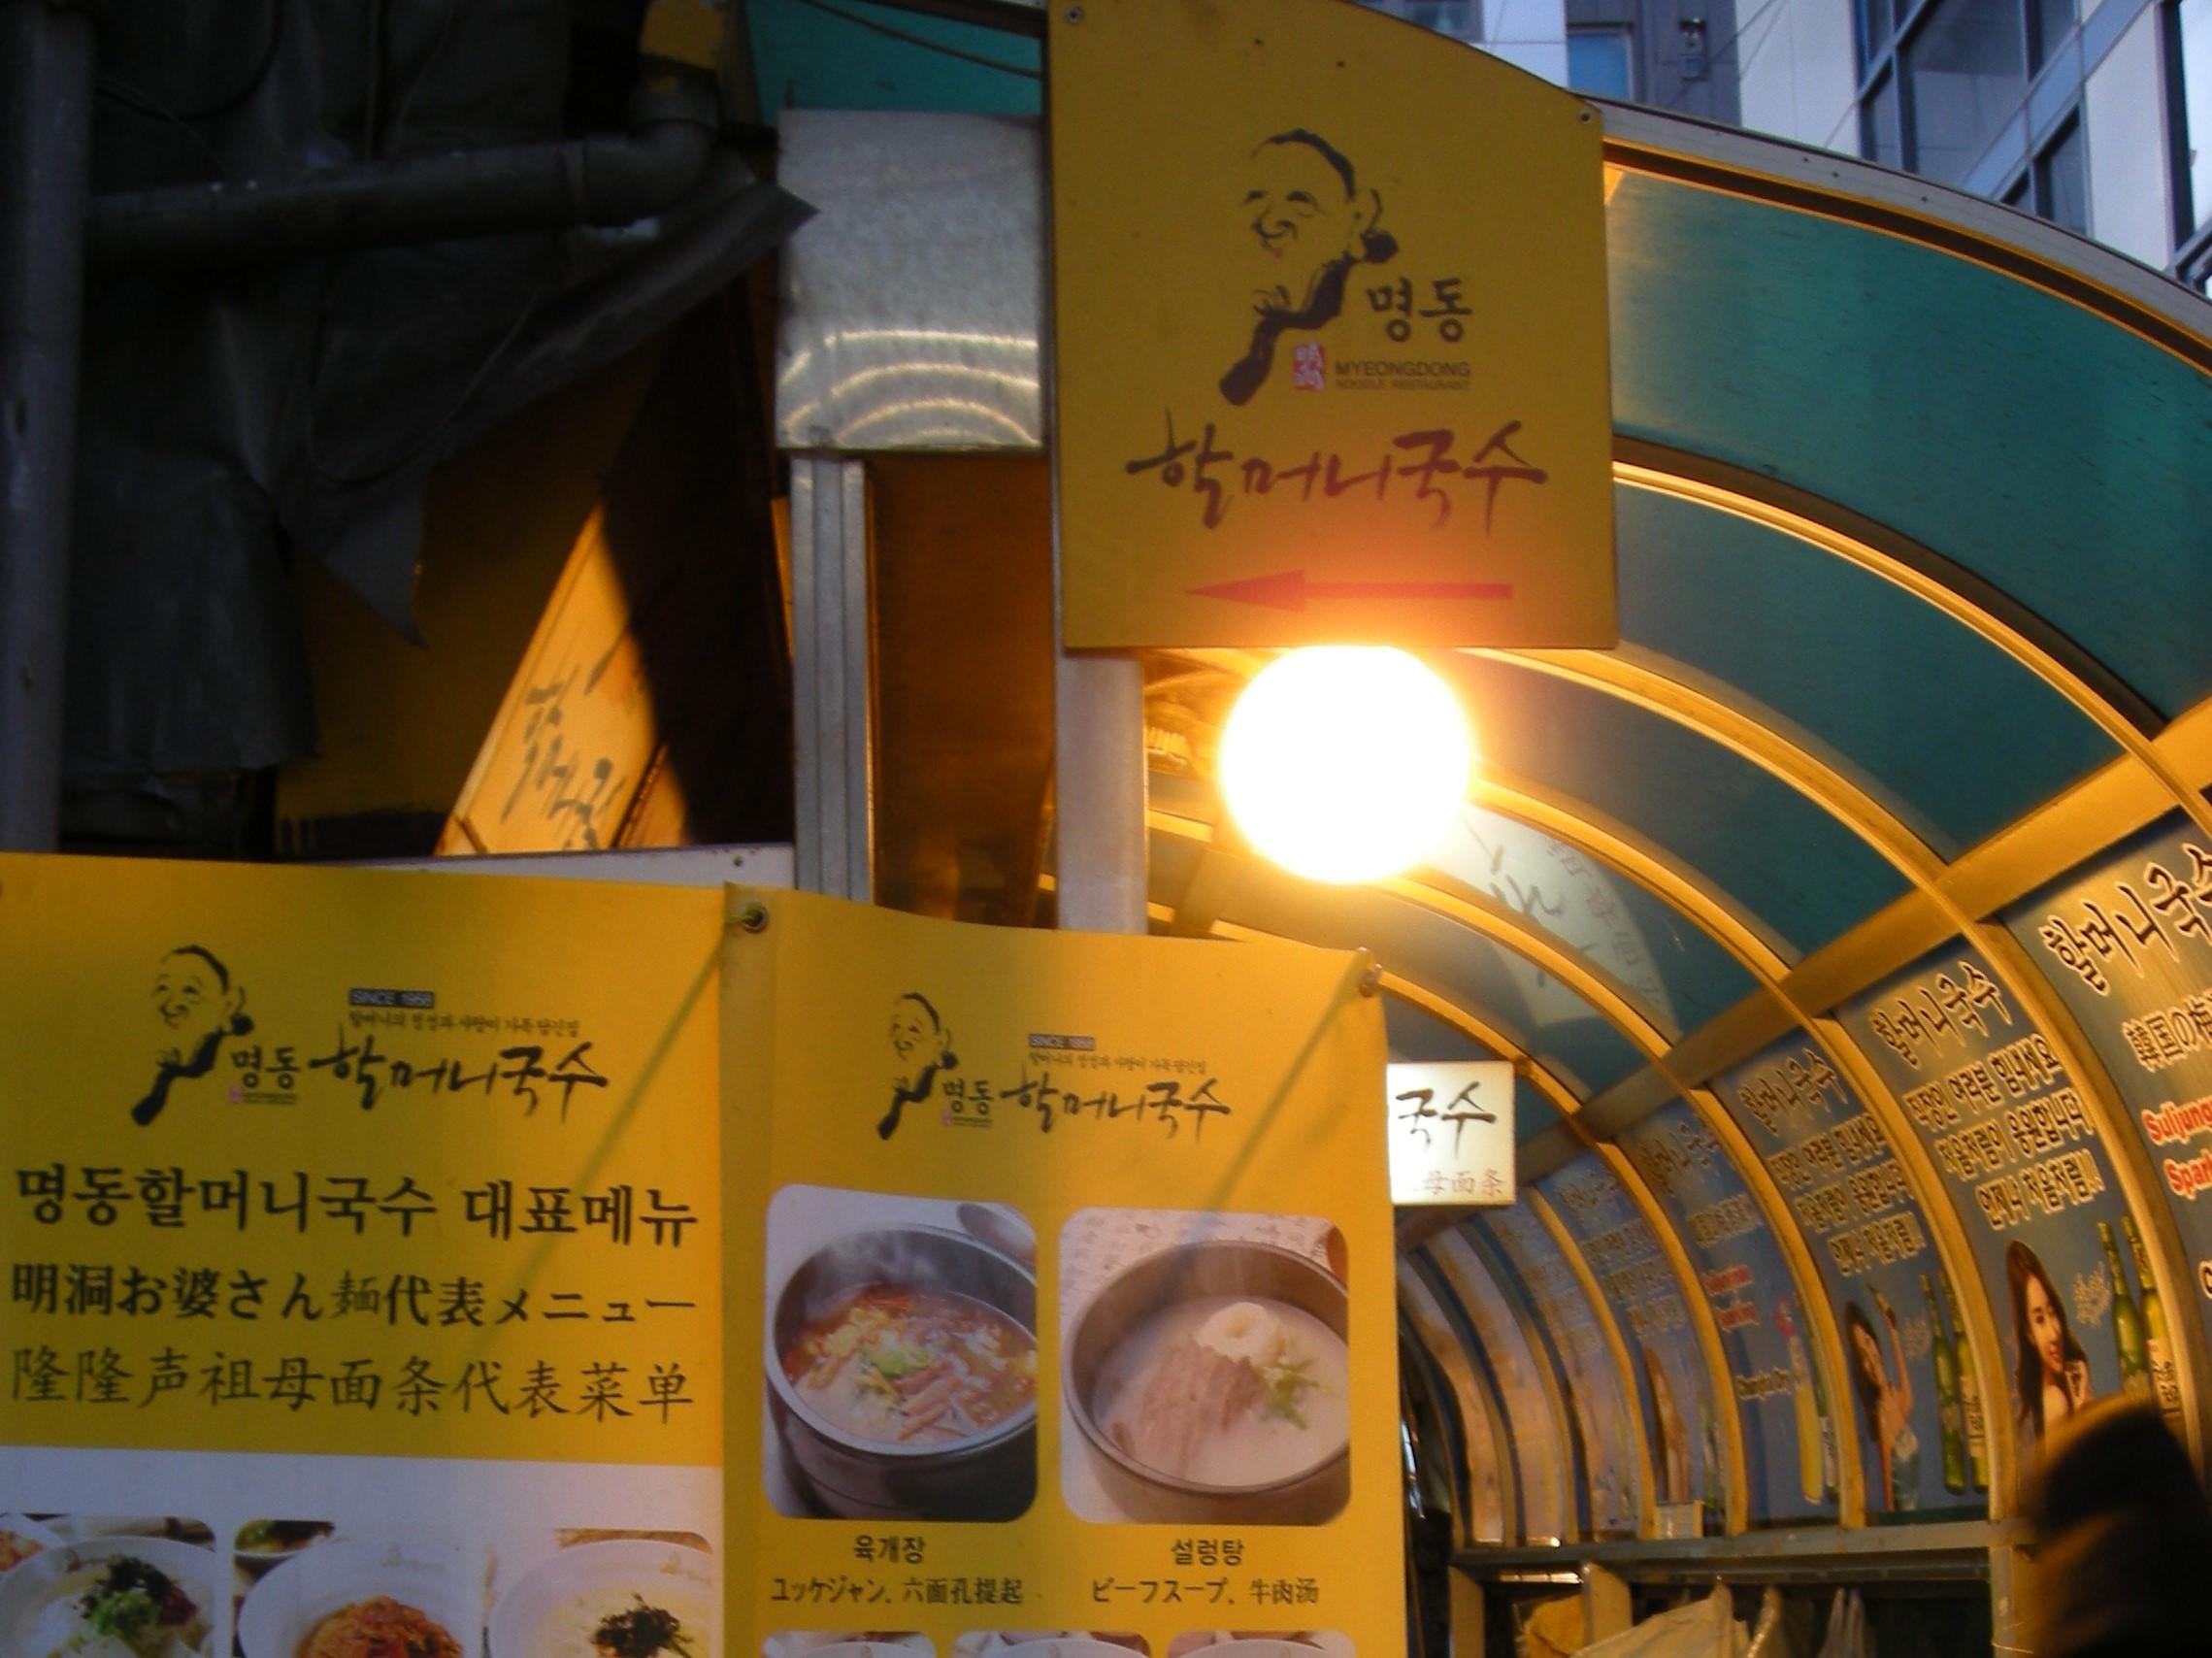 明洞のオススメな食堂「ハルモニククス」の行き方とメニュー☆水冷麺が美味しい|韓国ブログ旅